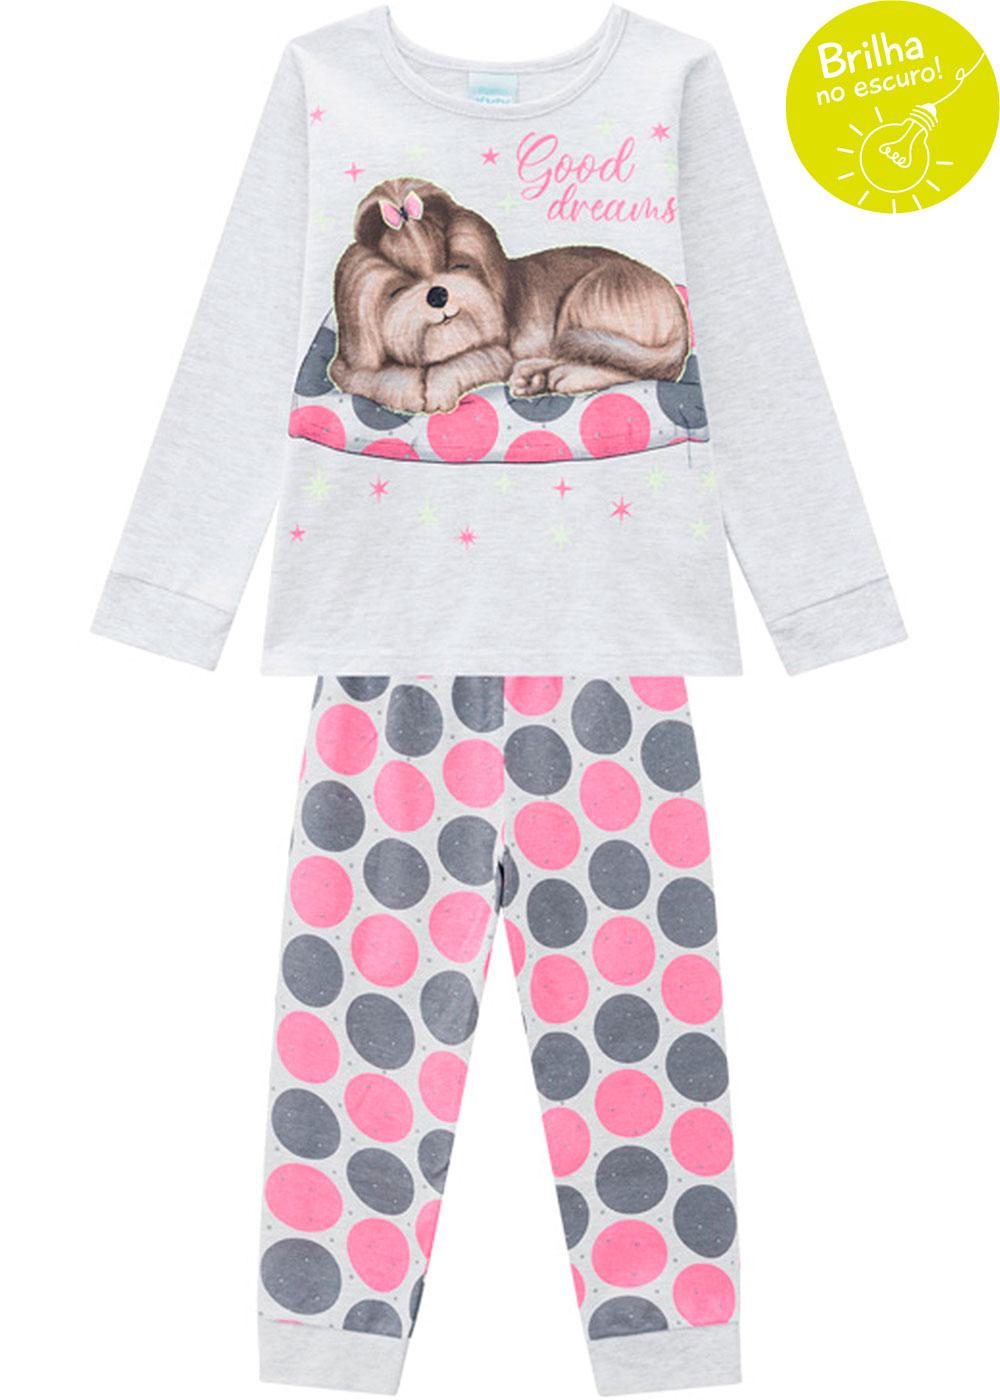 Pijama Infantil Feminino Estampado Cinza Brilha no Escuro Inverno Kyly